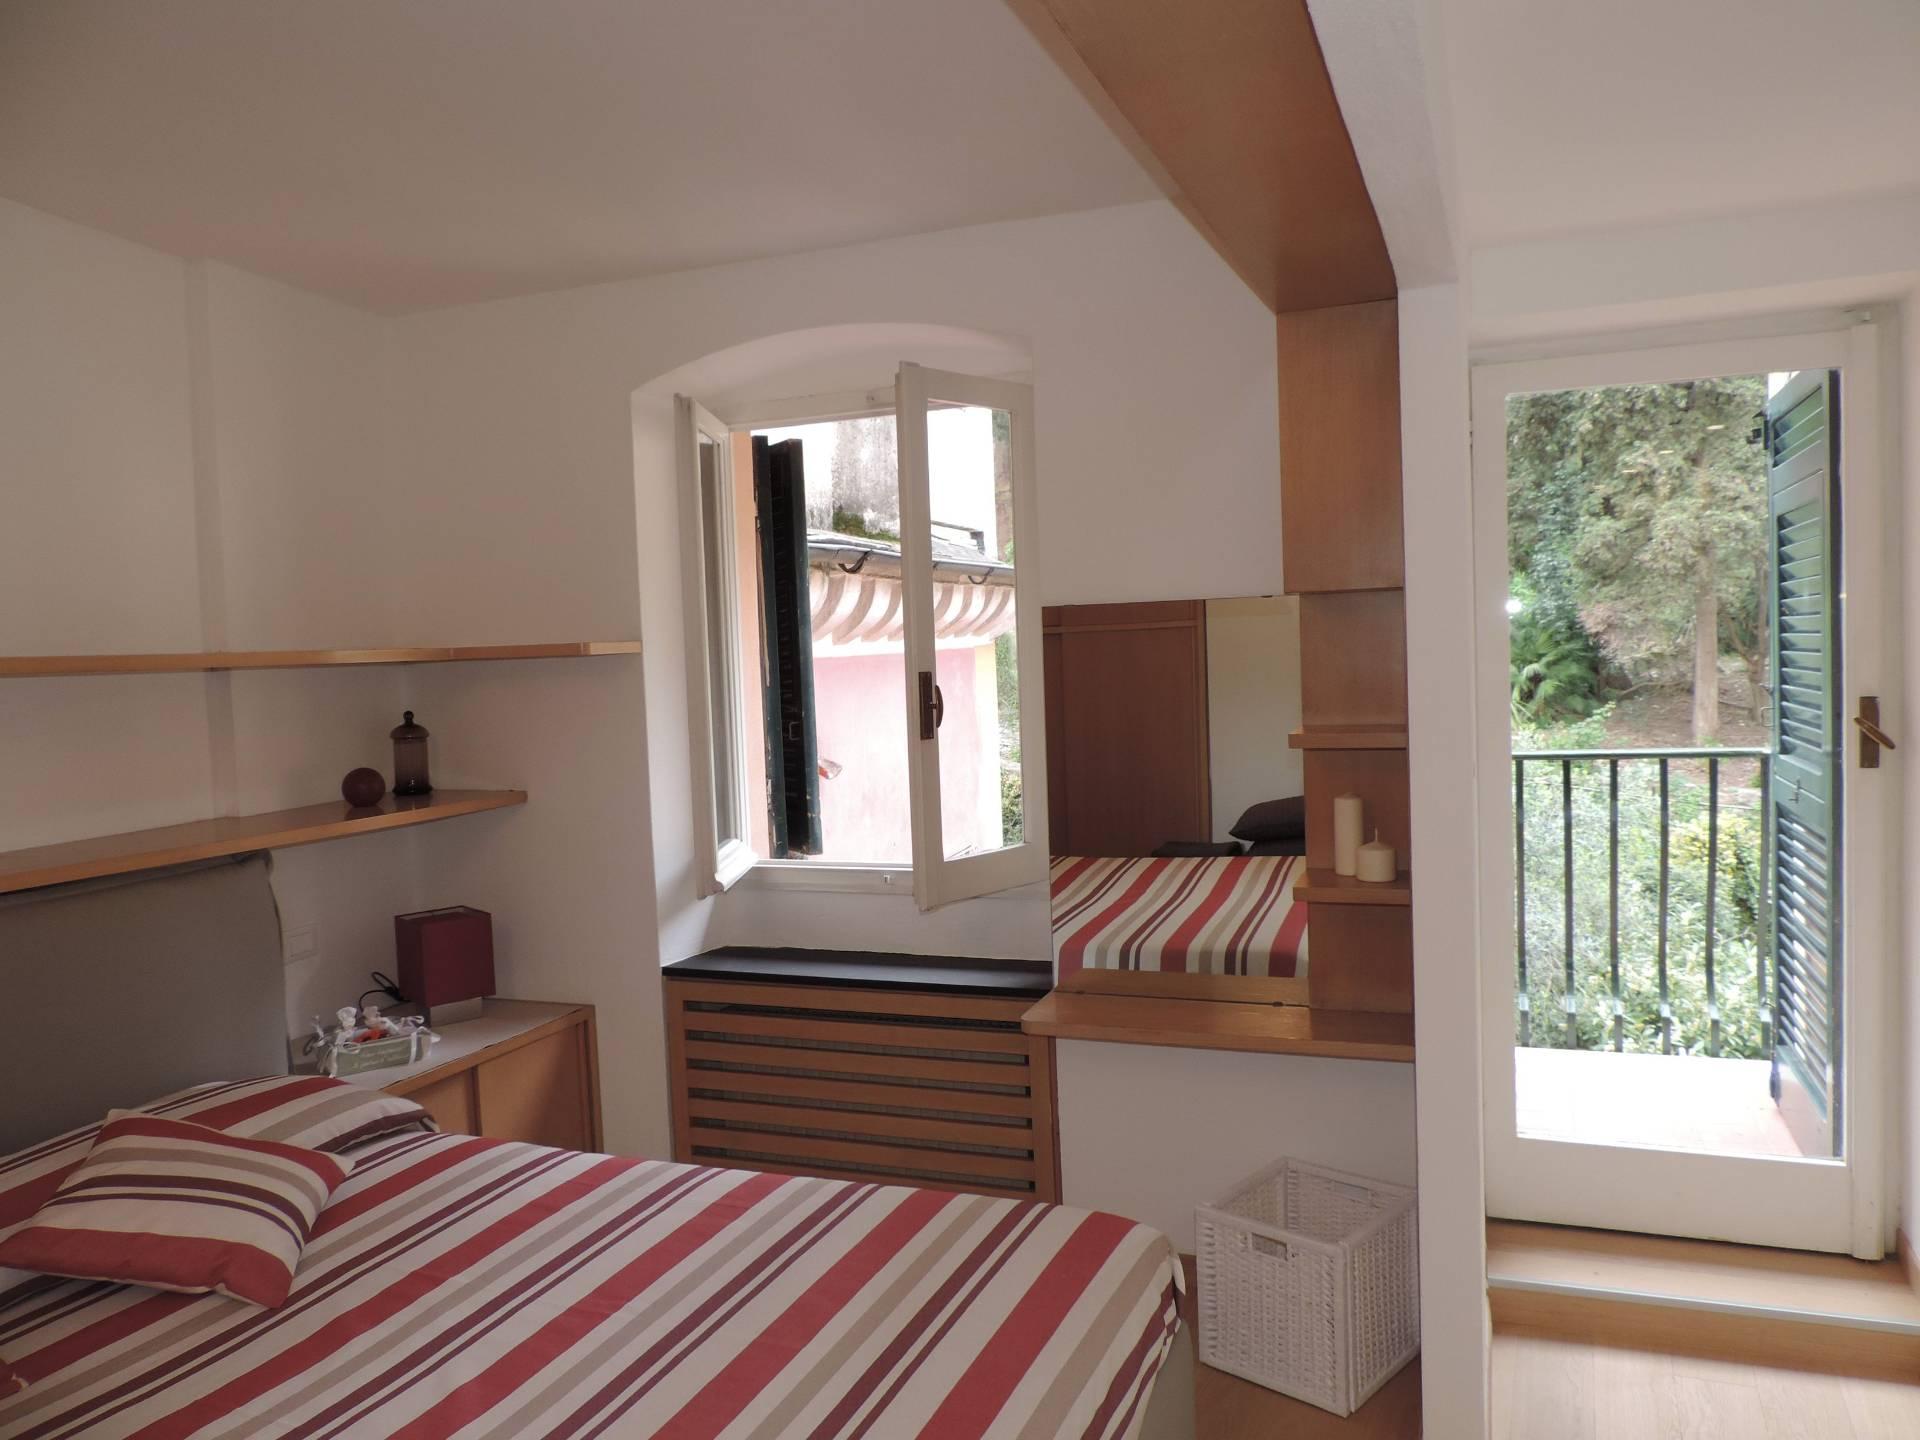 Appartamento in affitto a Santa Margherita Ligure, 2 locali, Trattative riservate | CambioCasa.it